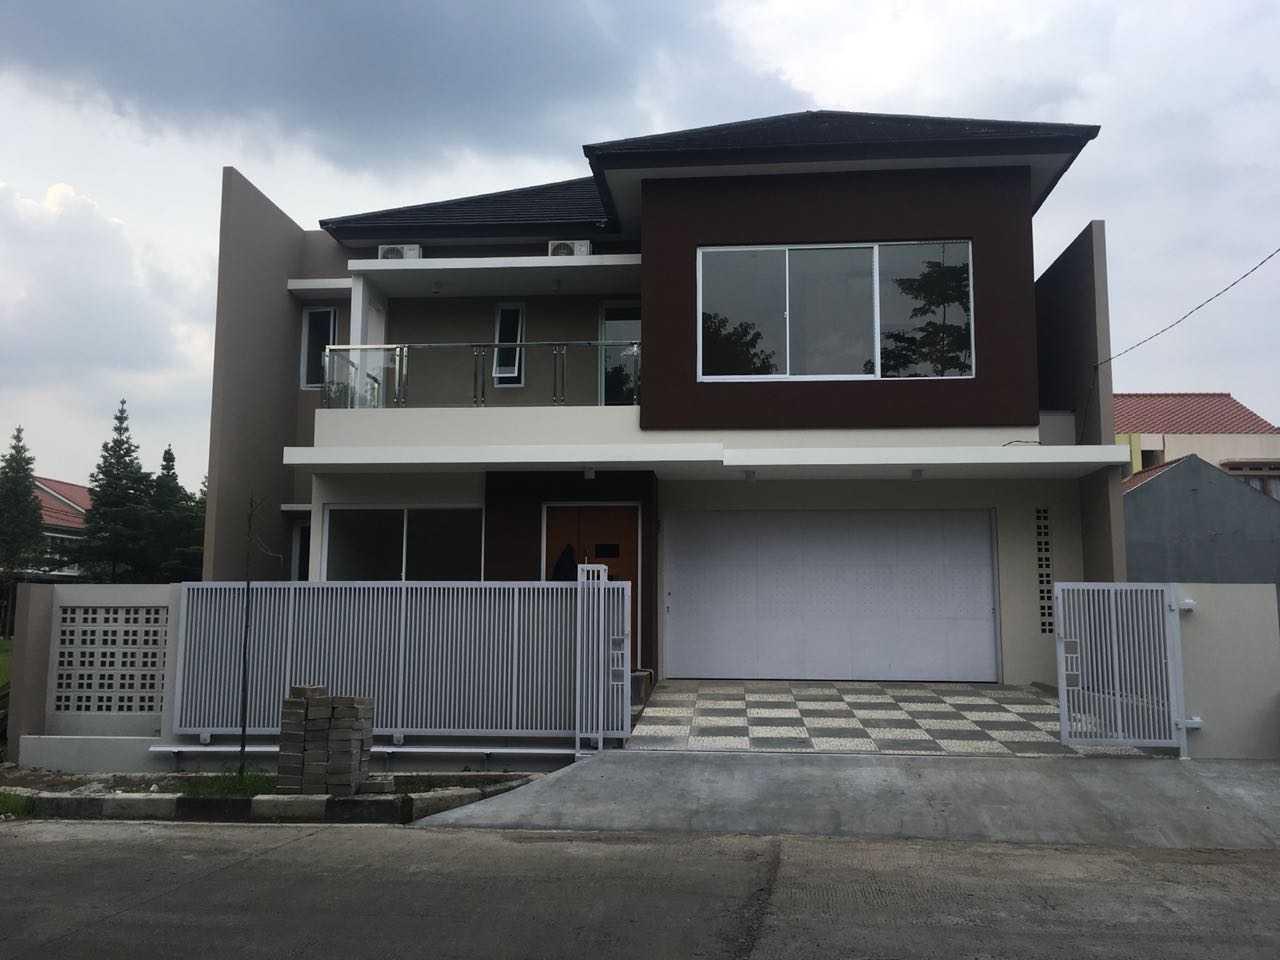 Hiji Dua Studio Arsitektur Rumah Tinggal Antapani Antapani, Kota Bandung, Jawa Barat, Indonesia Antapani, Kota Bandung, Jawa Barat, Indonesia Hiji-Dua-Studio-Arsitektur-Rumah-Tinggal- Modern <P>Progress 100%</p> 56414